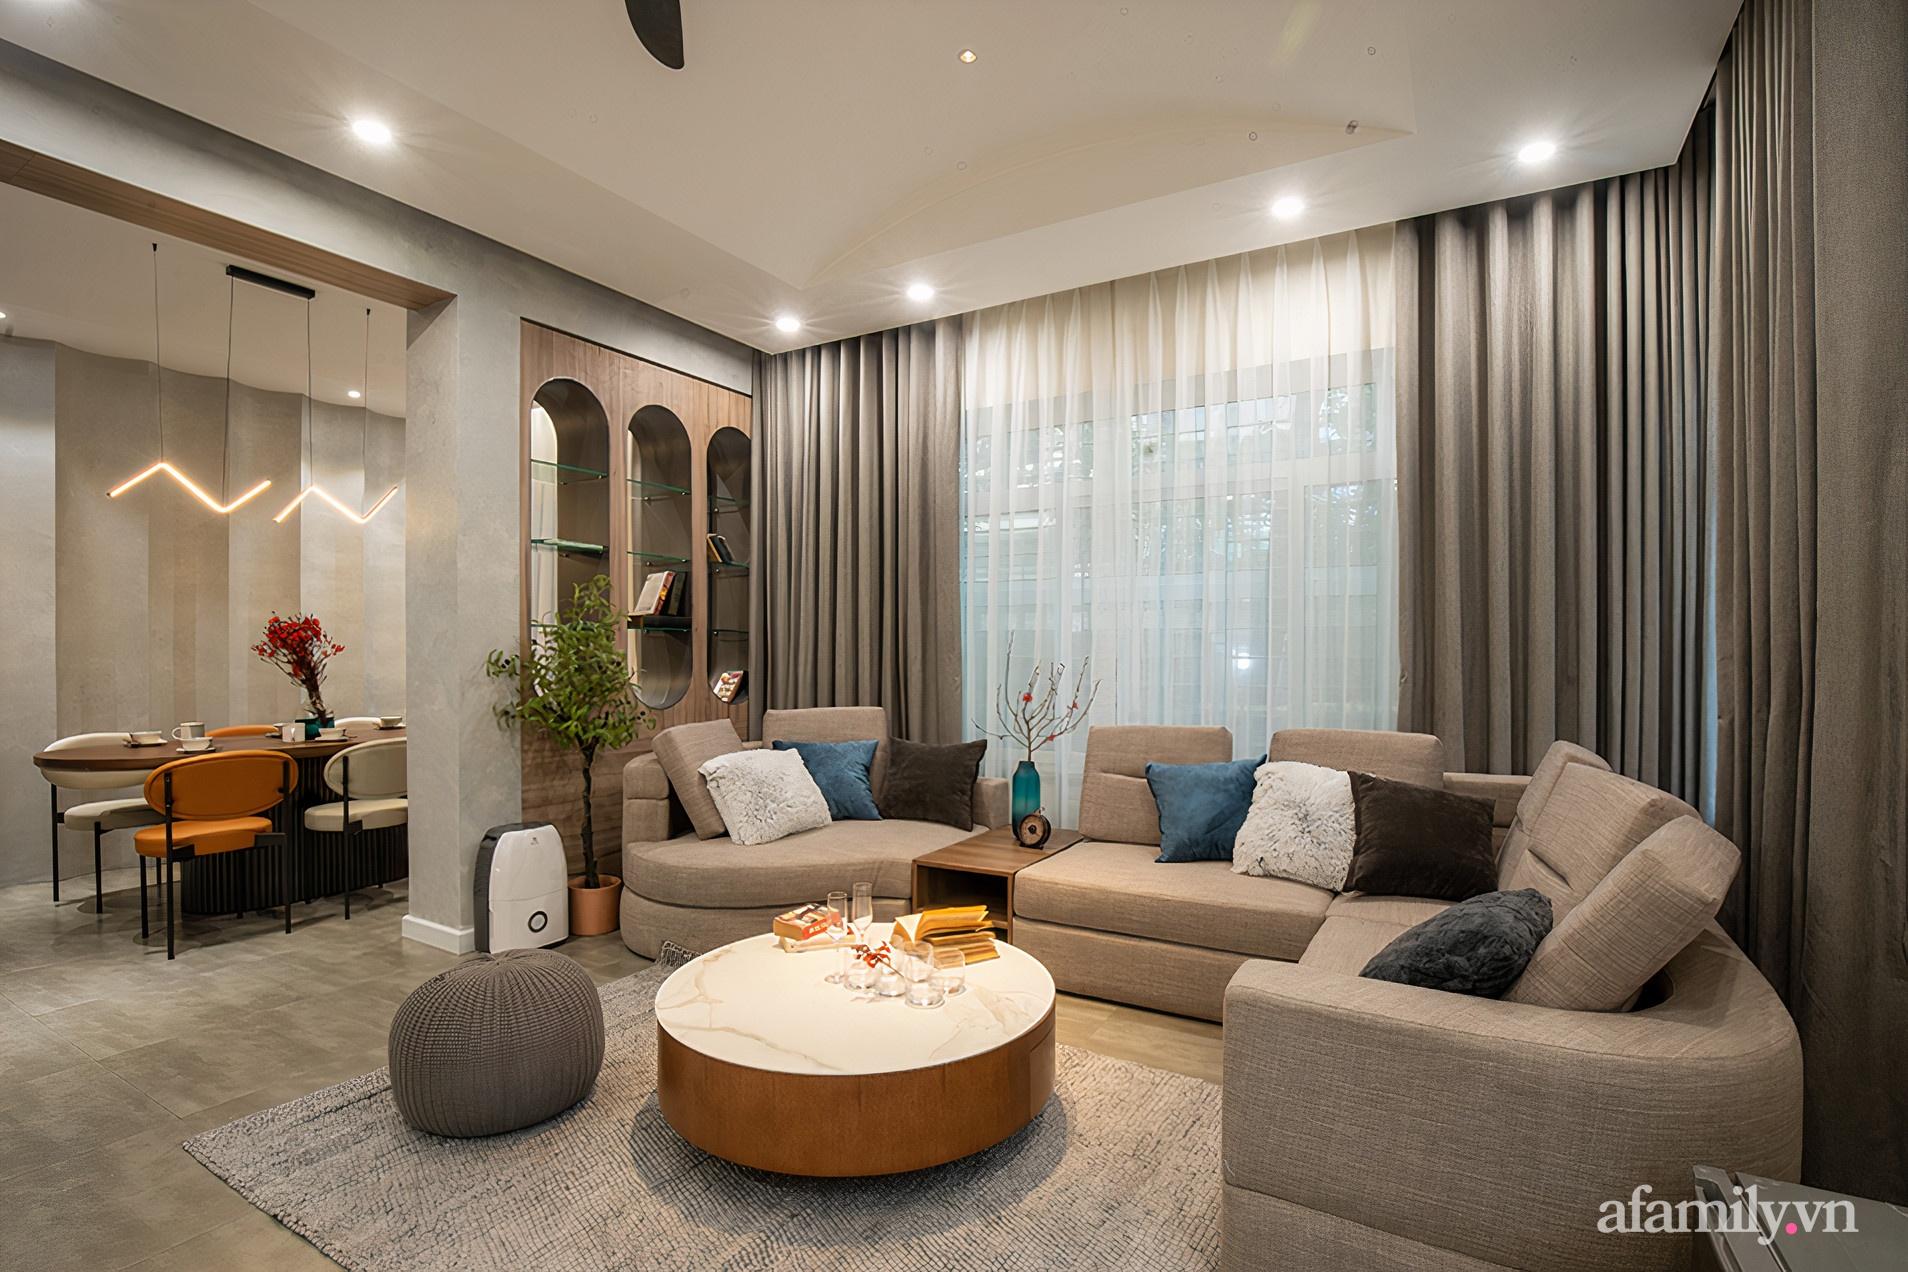 Cải tạo căn nhà 200m² xuống cấp, bí bách thành không gian sang trọng, tiện nghi ở Hà Nội - Ảnh 6.